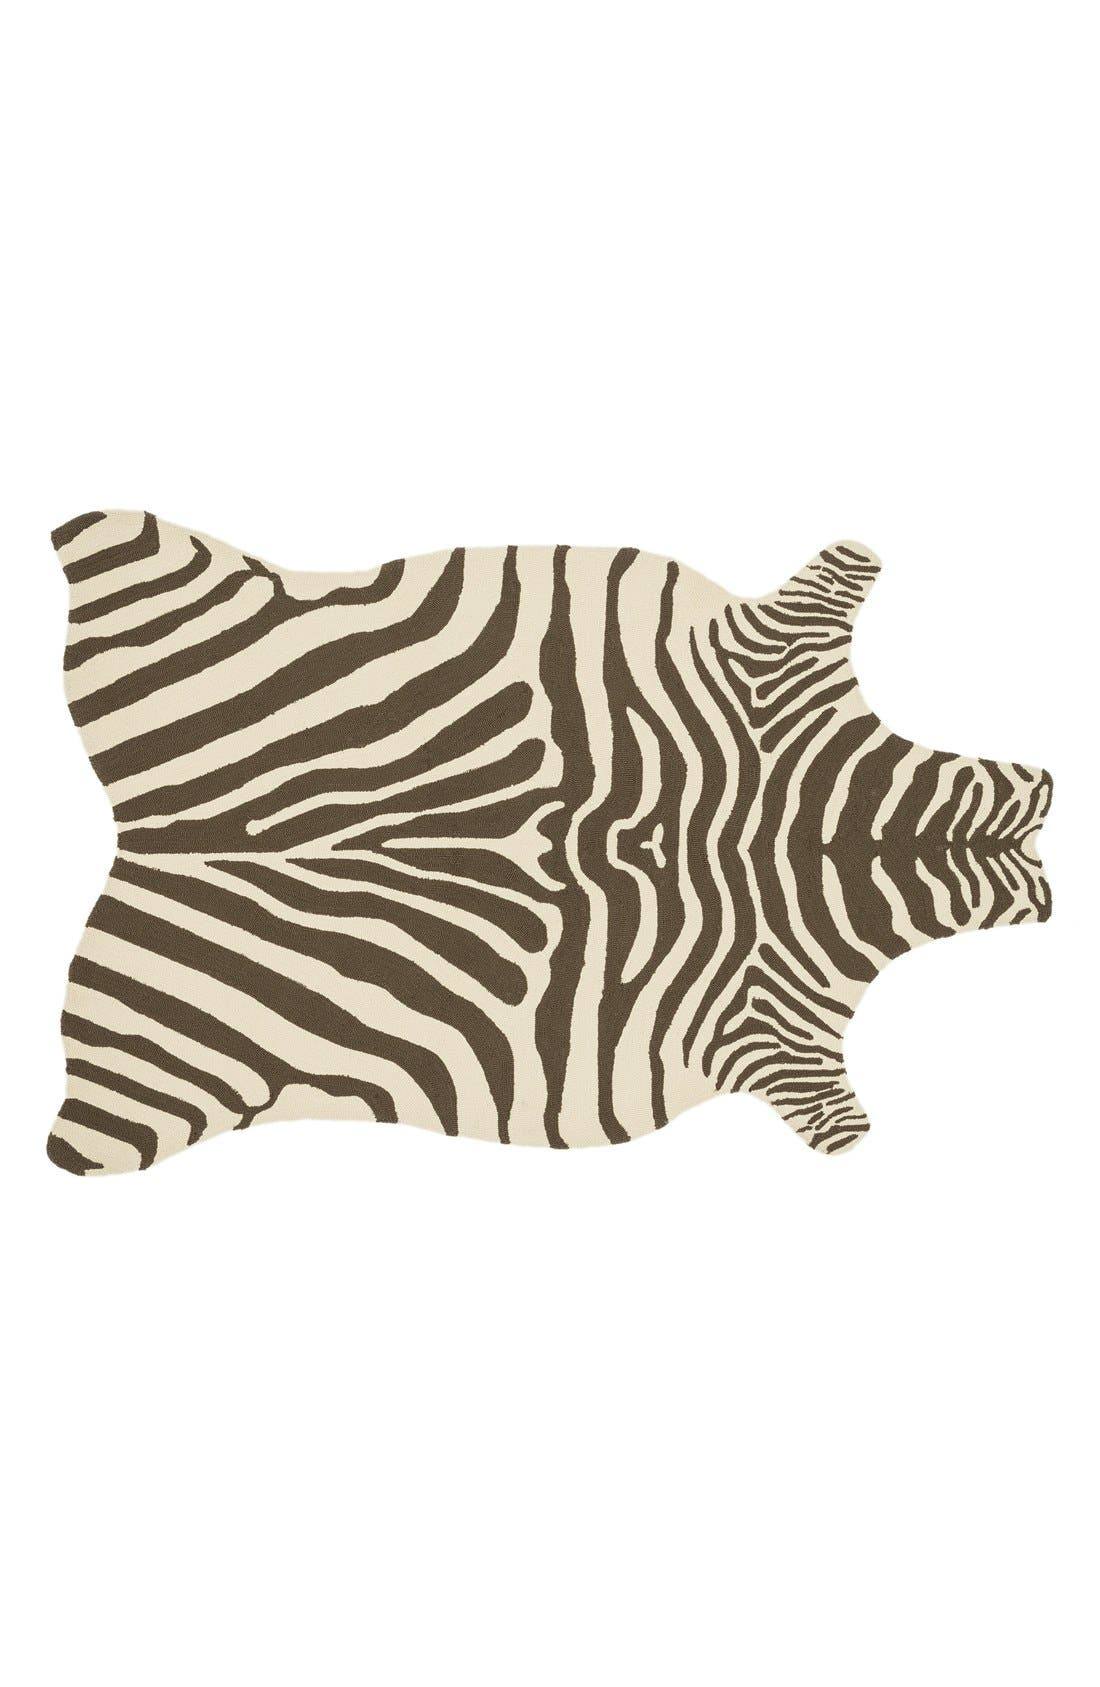 Alternate Image 1 Selected - Loloi 'Zadie' Zebra Woven Indoor/Outdoor Rug